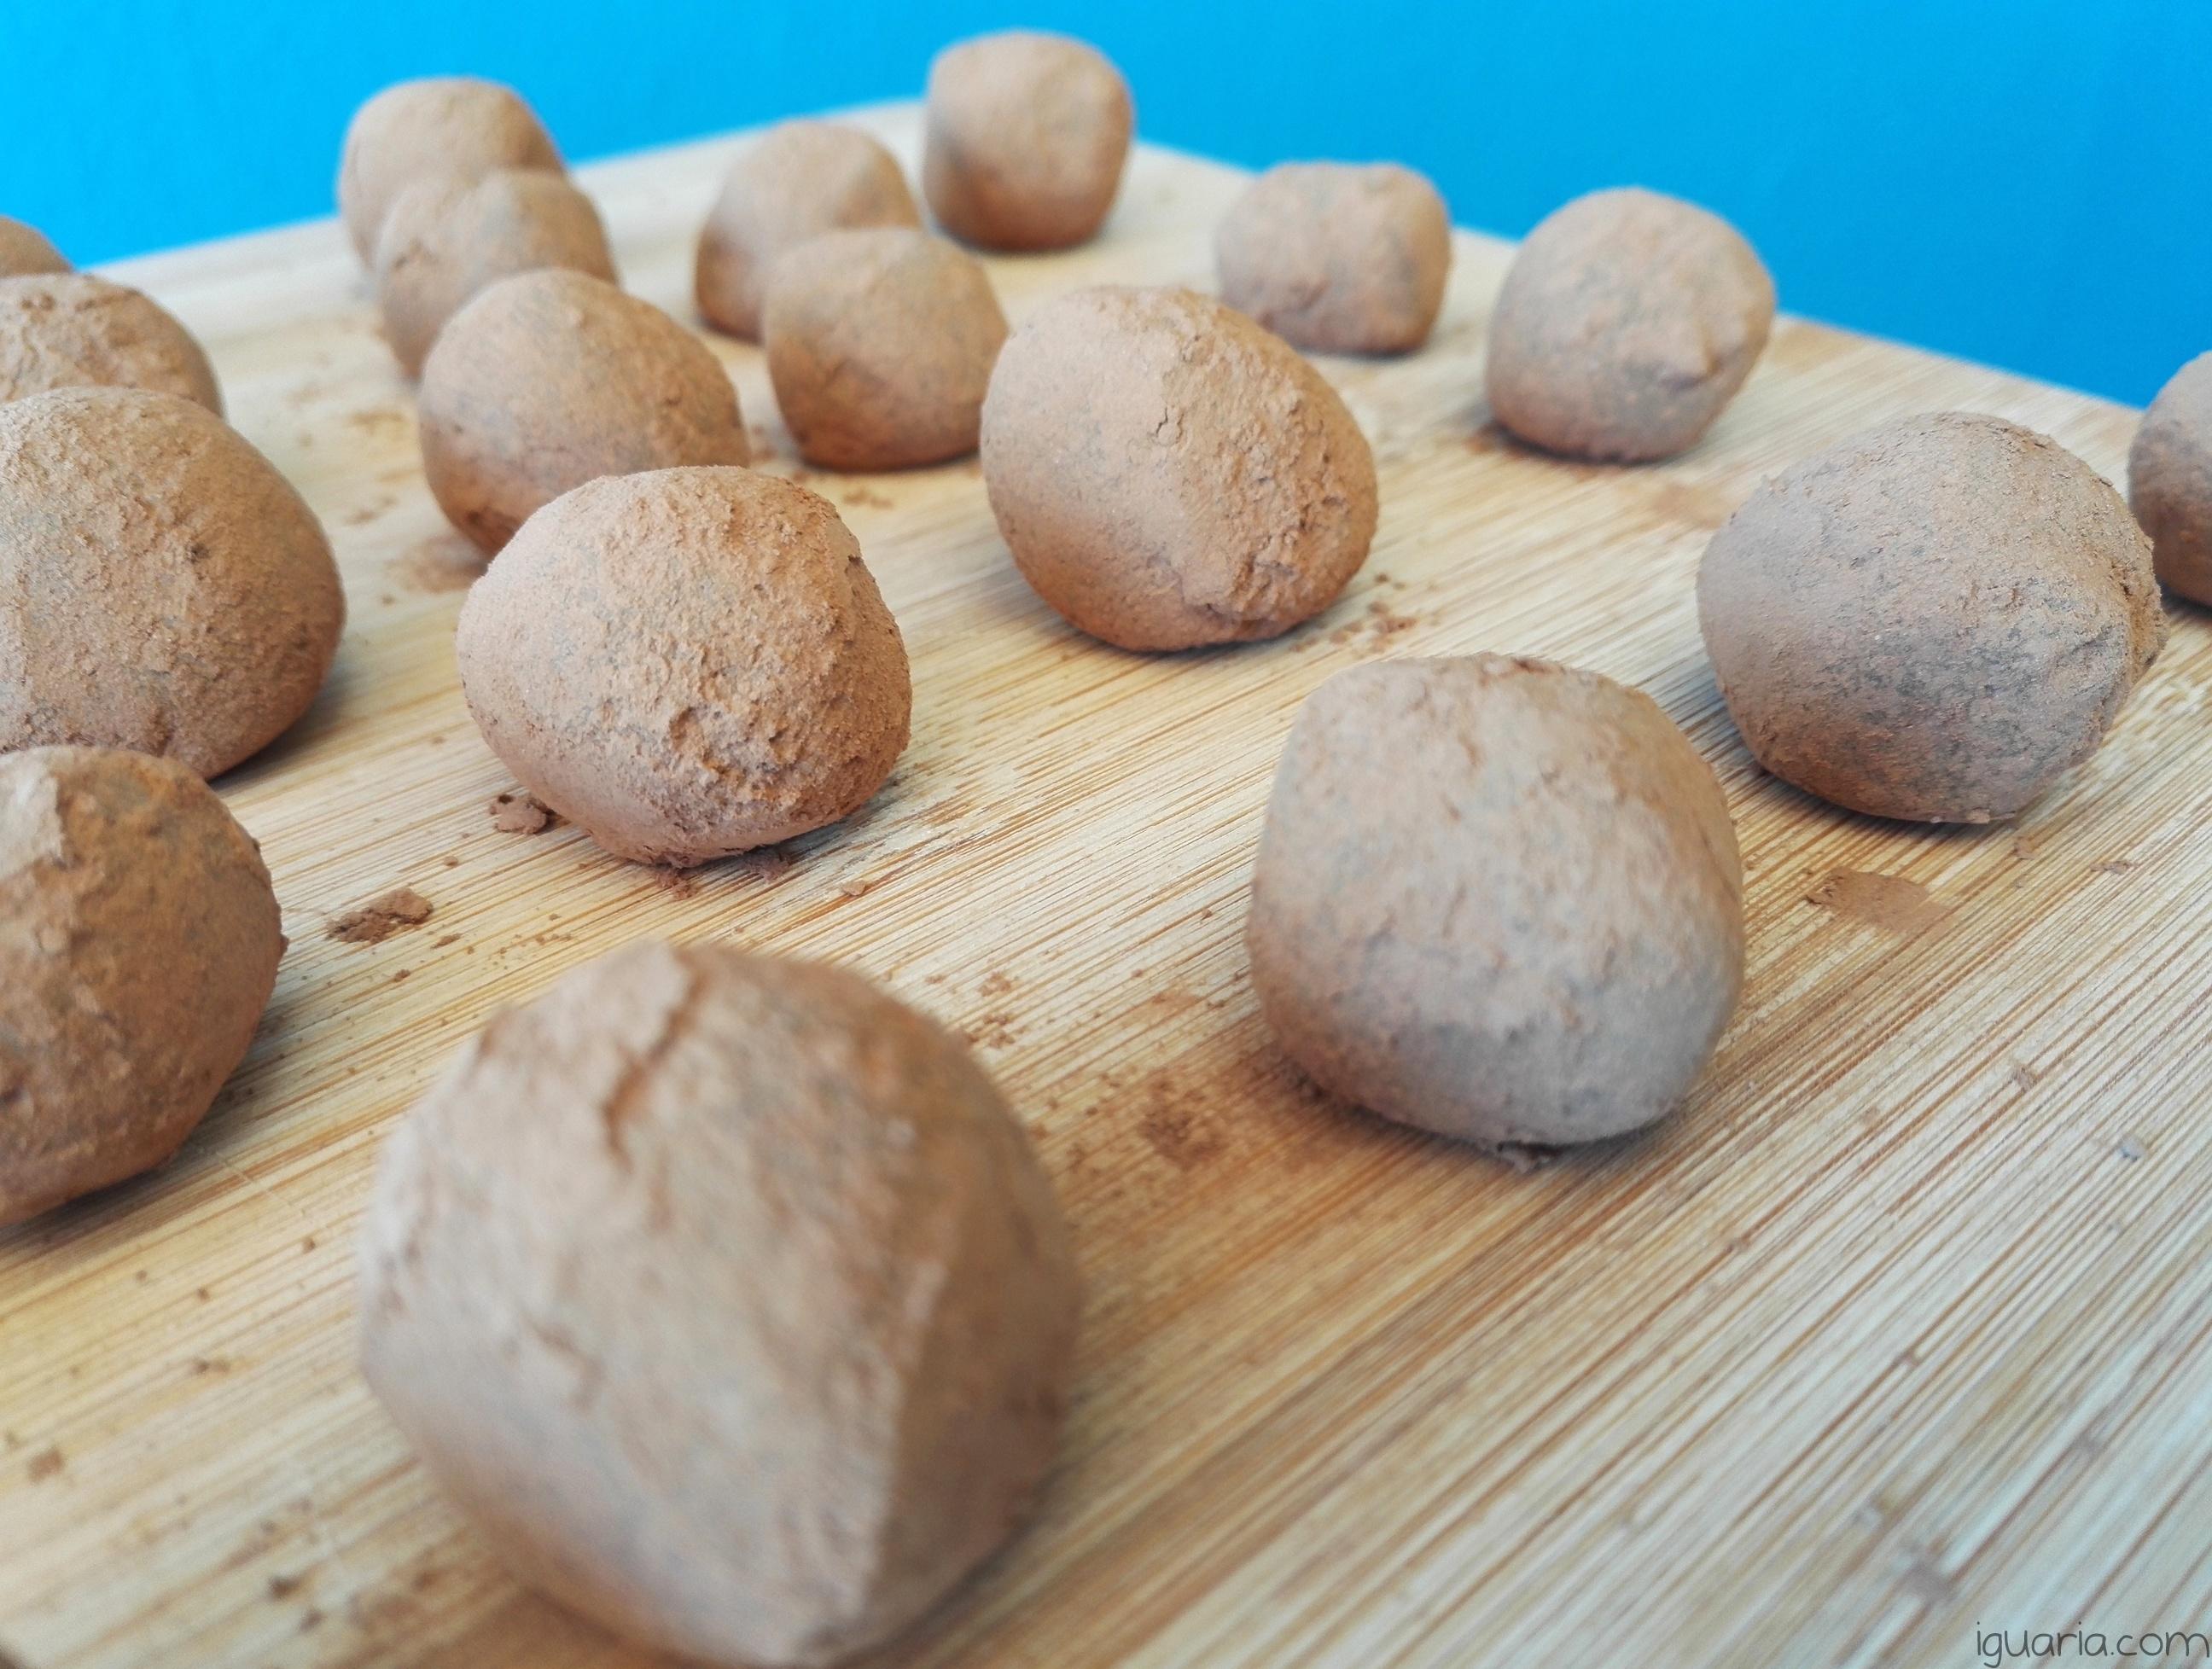 iguaria-trufas-de-chocolate-com-amendoa